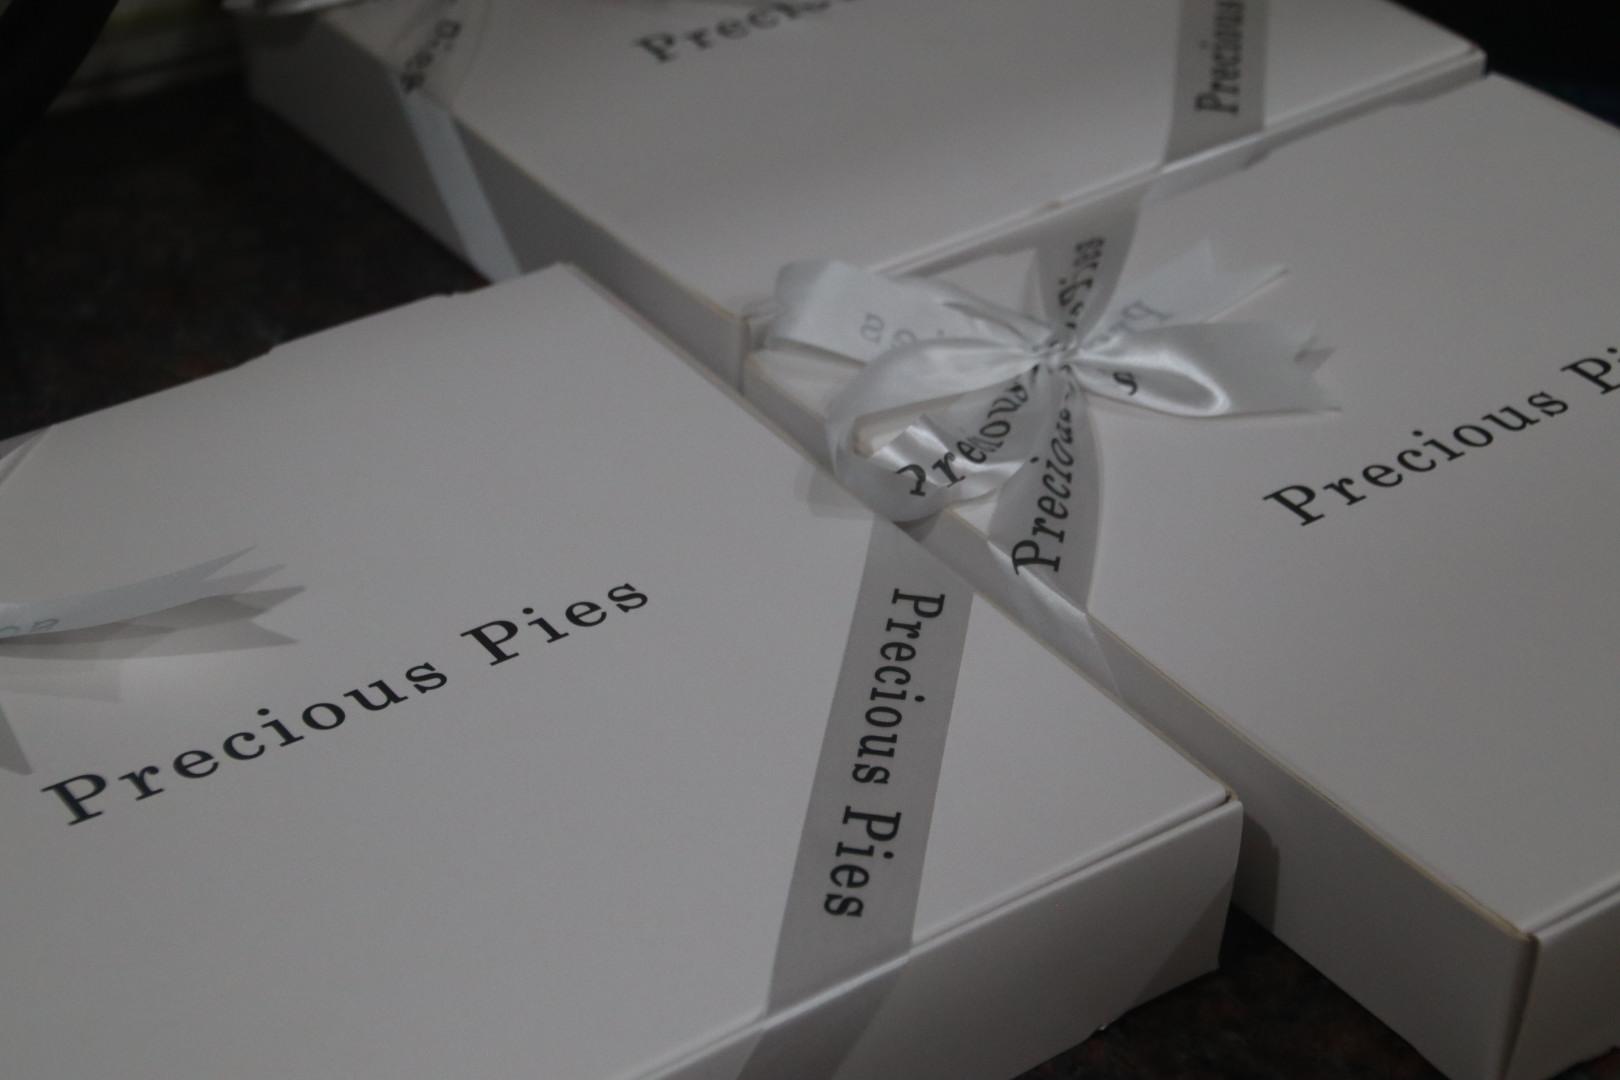 「アップルパイだけでなく、キッシュも美味しい!!」Precious Pies@ダッカ市グルシャン